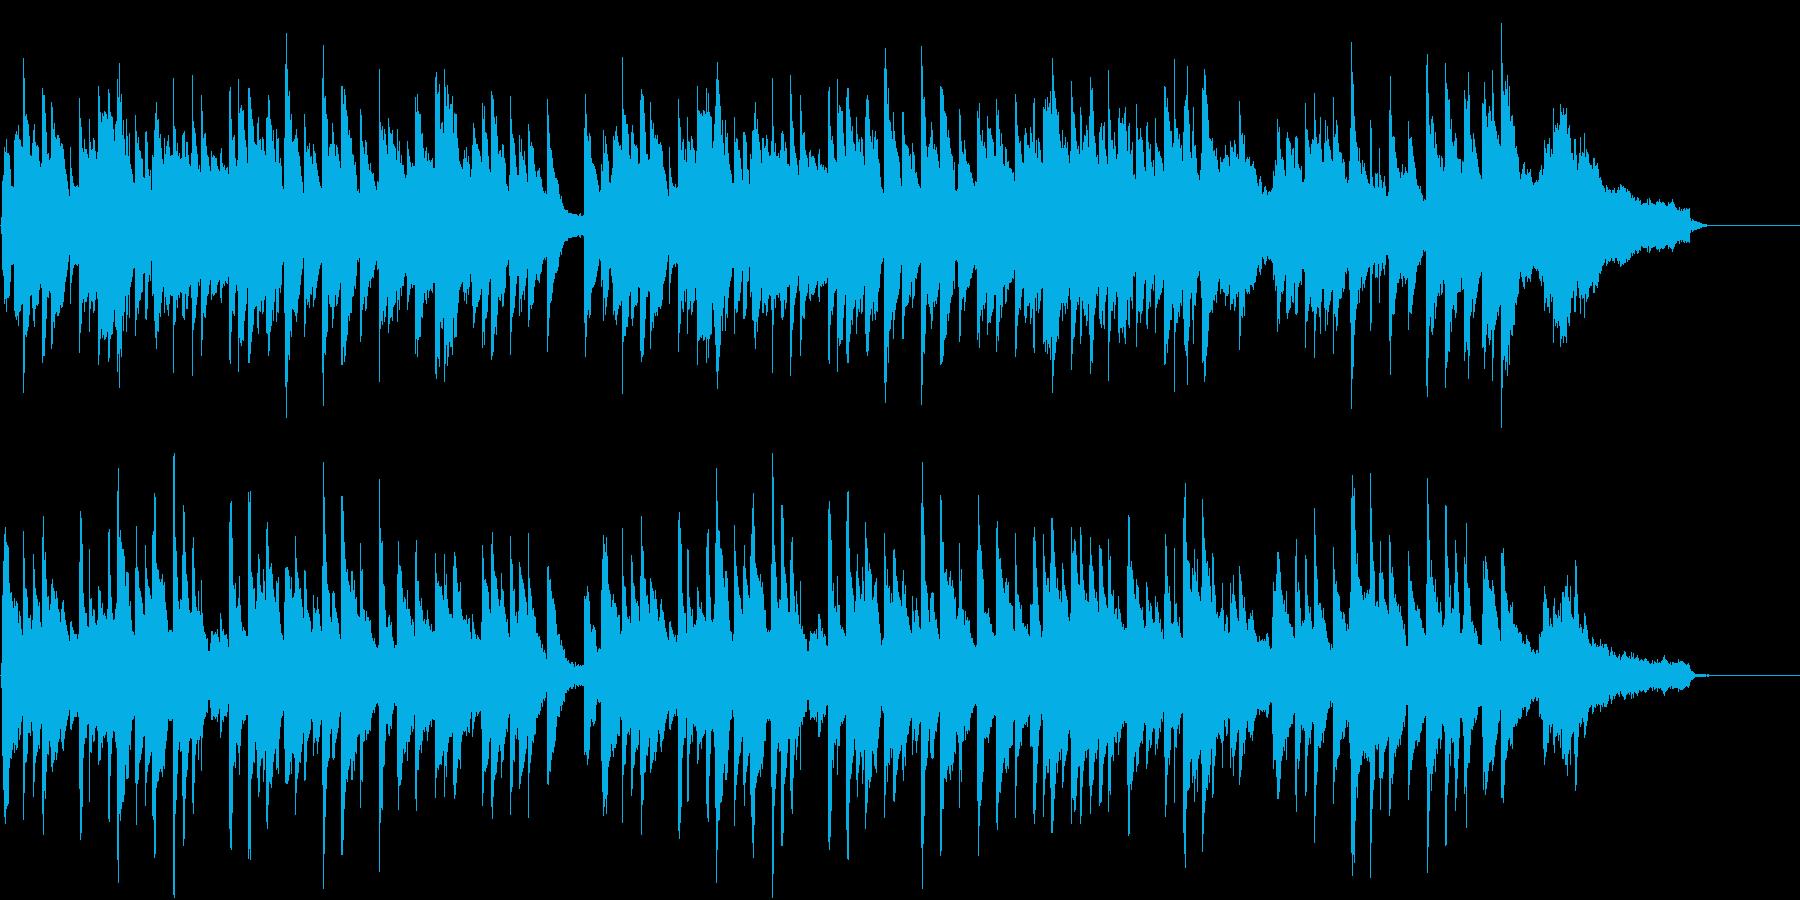 回想シーンや儚さを表すピアノ楽曲の再生済みの波形